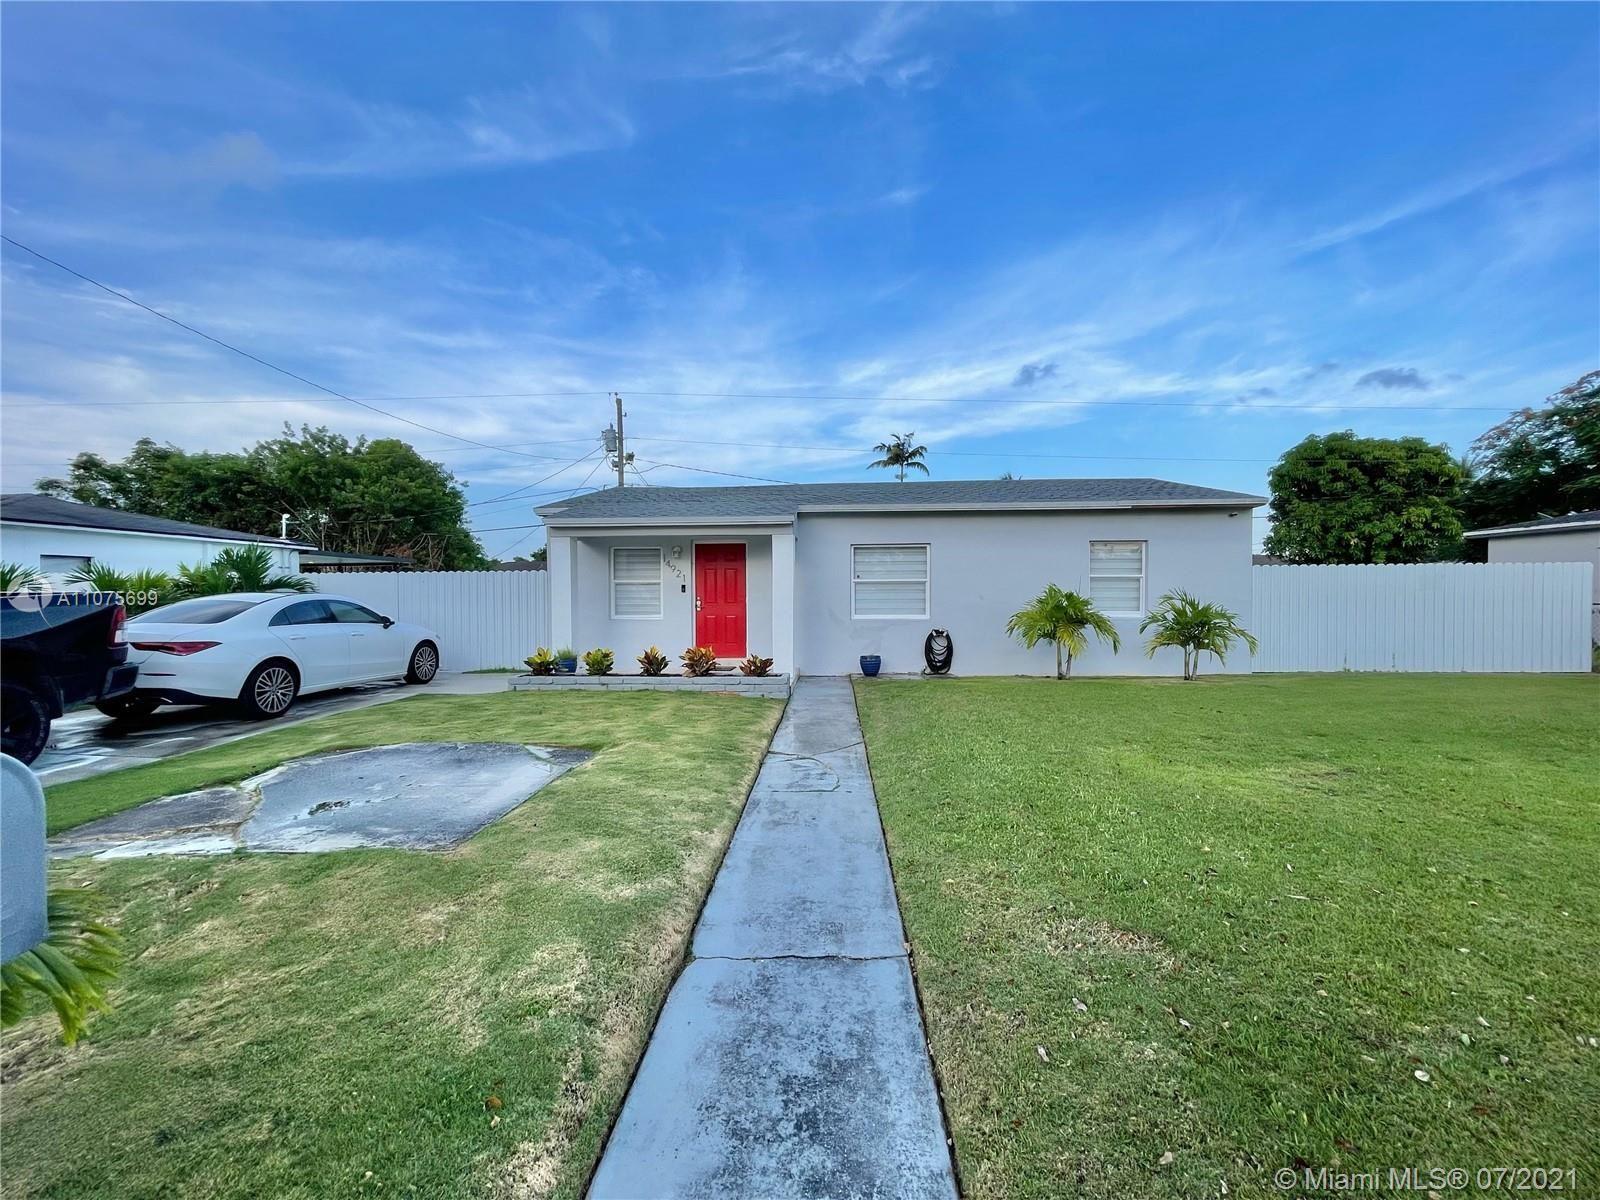 14921 Harrison St, Miami, FL 33176 - #: A11075699